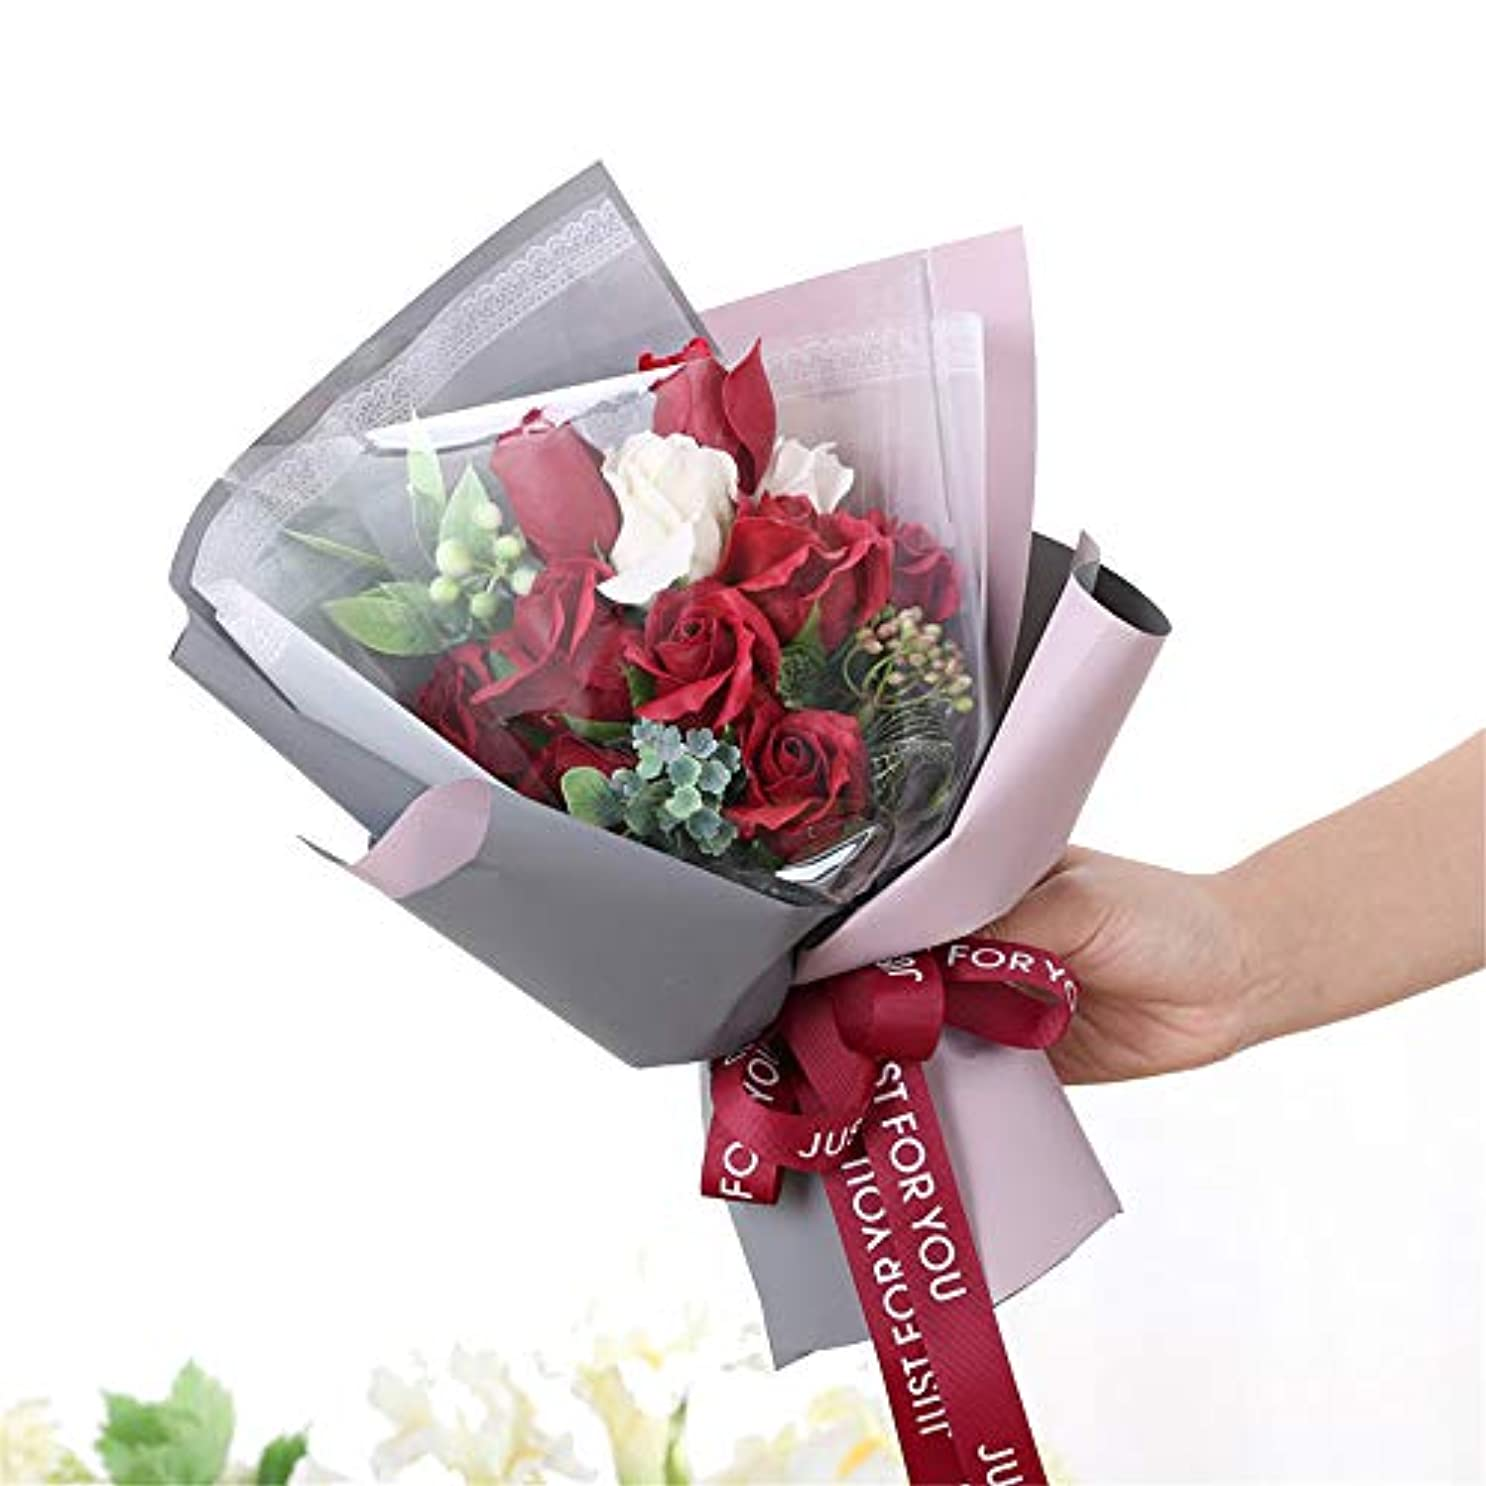 怪物フォーマルカウボーイ手作りのバラ石鹸フラワーブーケのギフトボックス、女性のためのギフトバレンタインデー、母の日、結婚式、クリスマス、誕生日を愛した女の子 (色 : 赤)